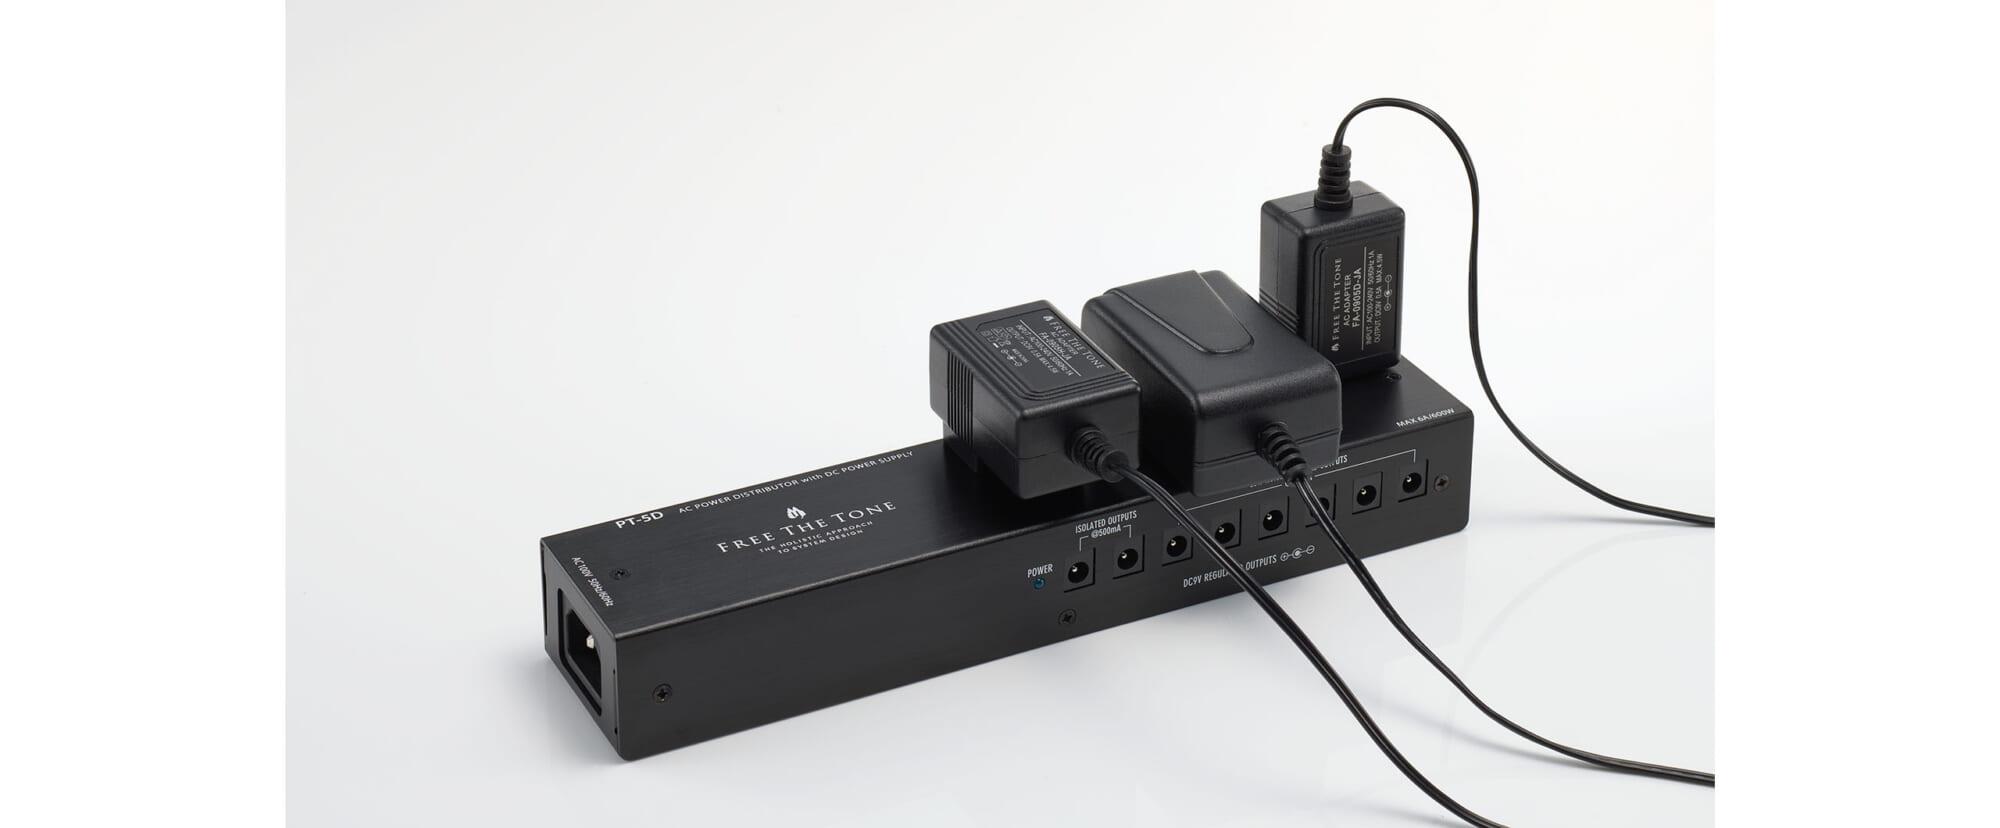 ノイズへの配慮が必要な機器への電源供給のために設計されたフリーザトーンのACアダプター